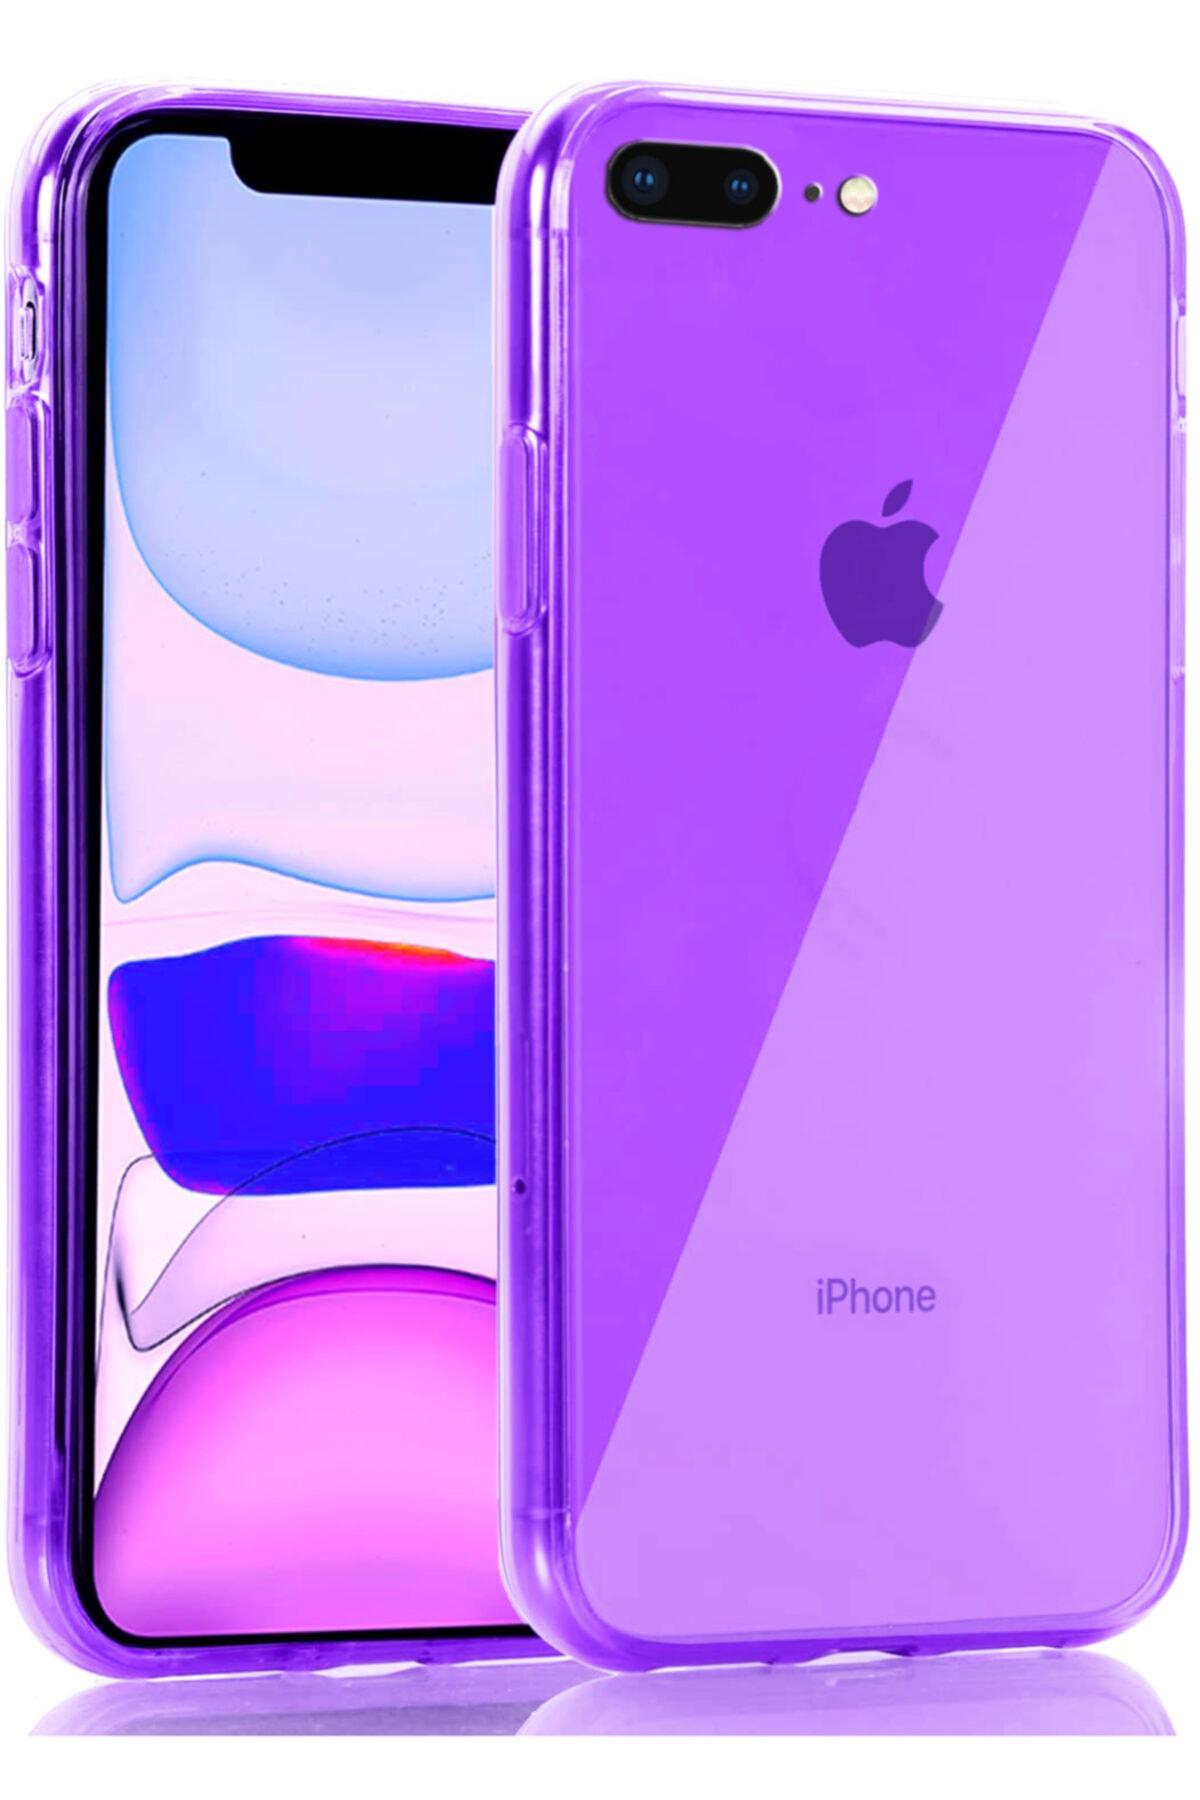 Iphone 8 Plus Kılıf Fosforlu Canlı Renkli Parlak Silikon Kapak